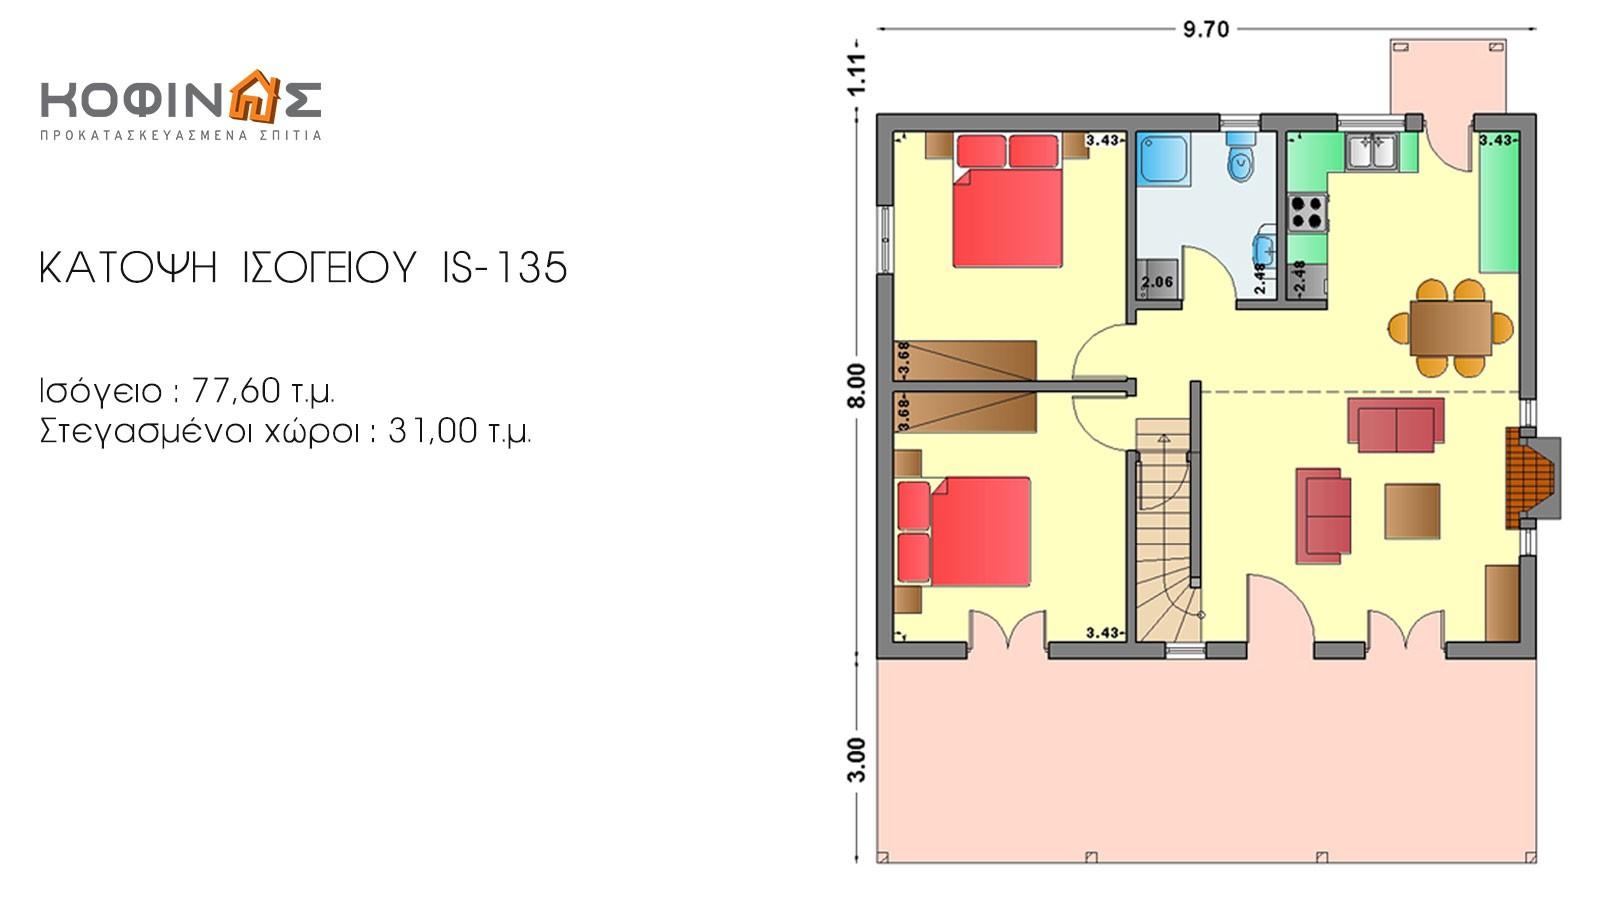 Ισόγεια Κατοικία με Σοφίτα IS-135, συνολικής επιφάνειας 135,40 τ.μ.